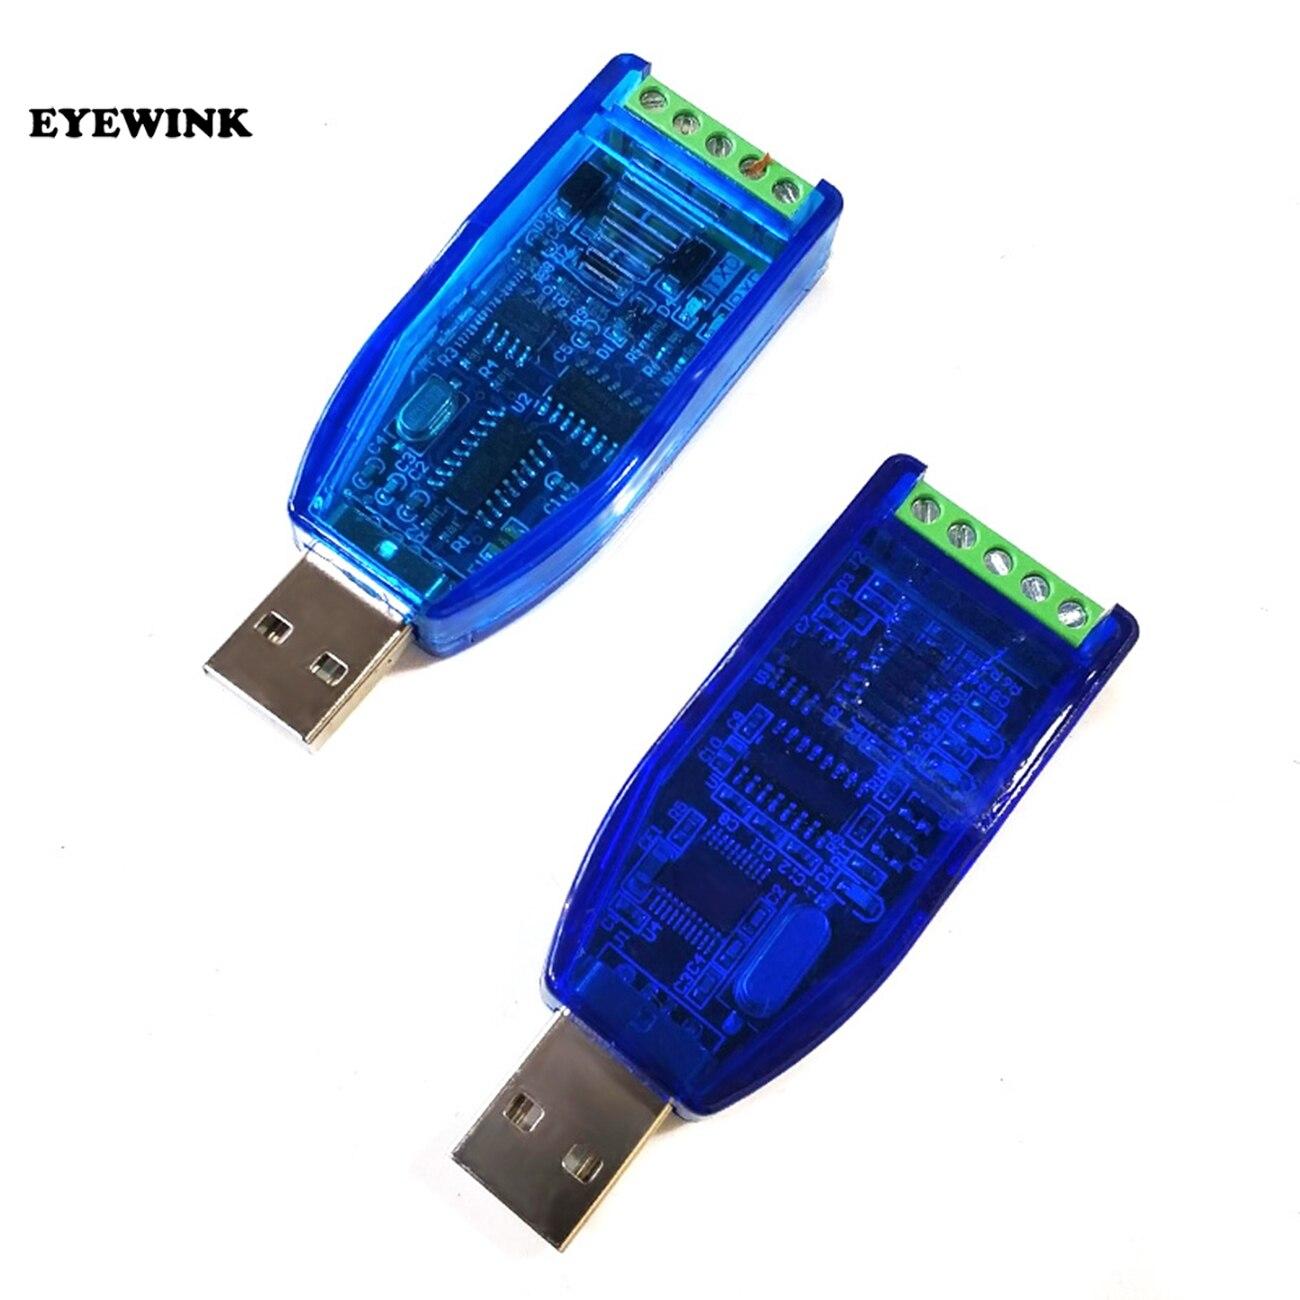 Промышленный USB к RS232 RS485 конвертер обновления защиты конвертер Совместимость Стандартный RS-485 Модуль платы соединителя